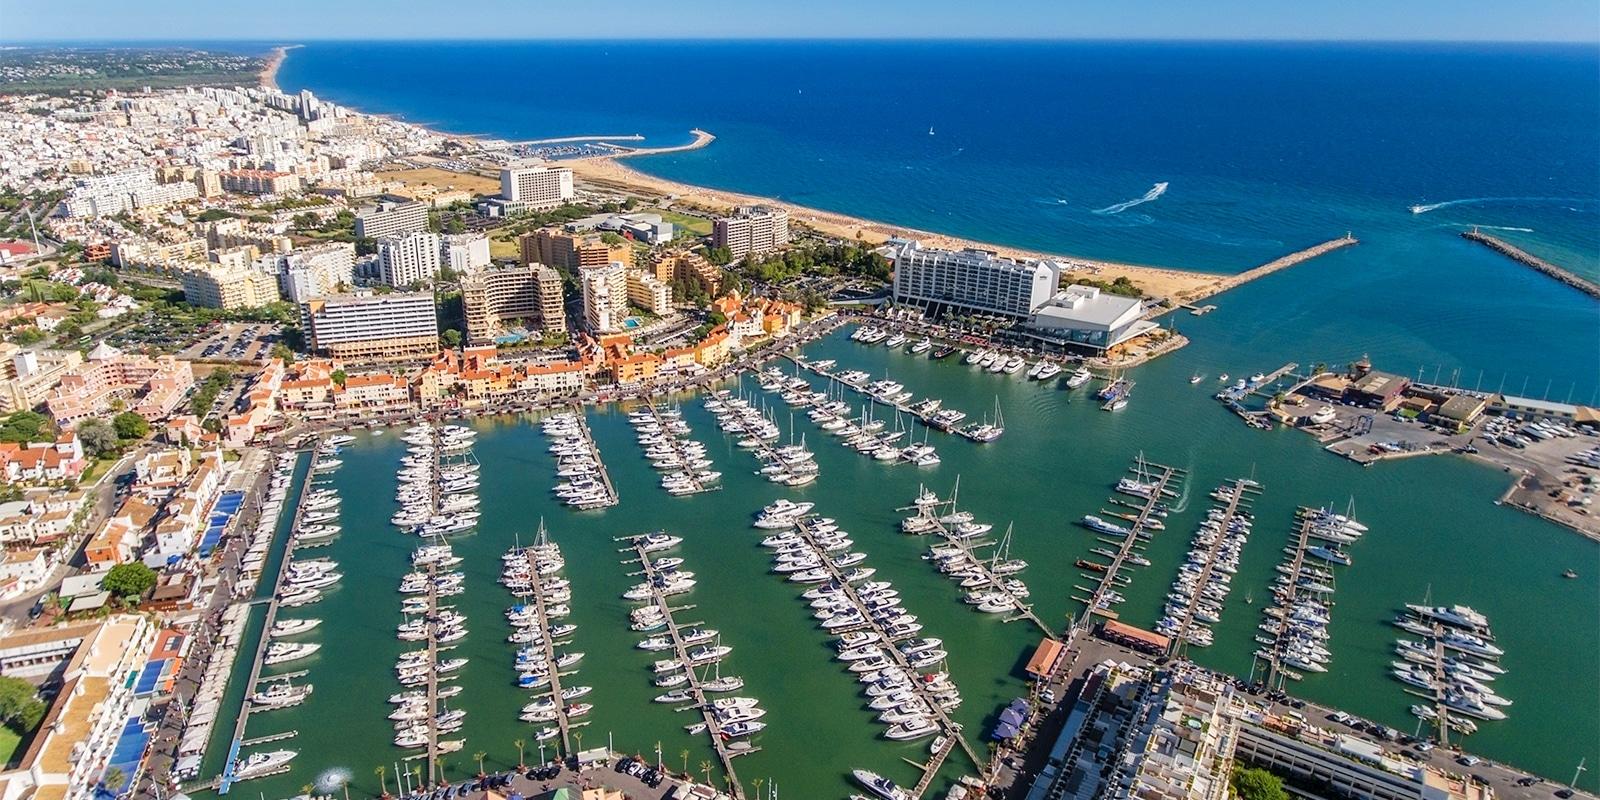 Aerial view of Algarve region.